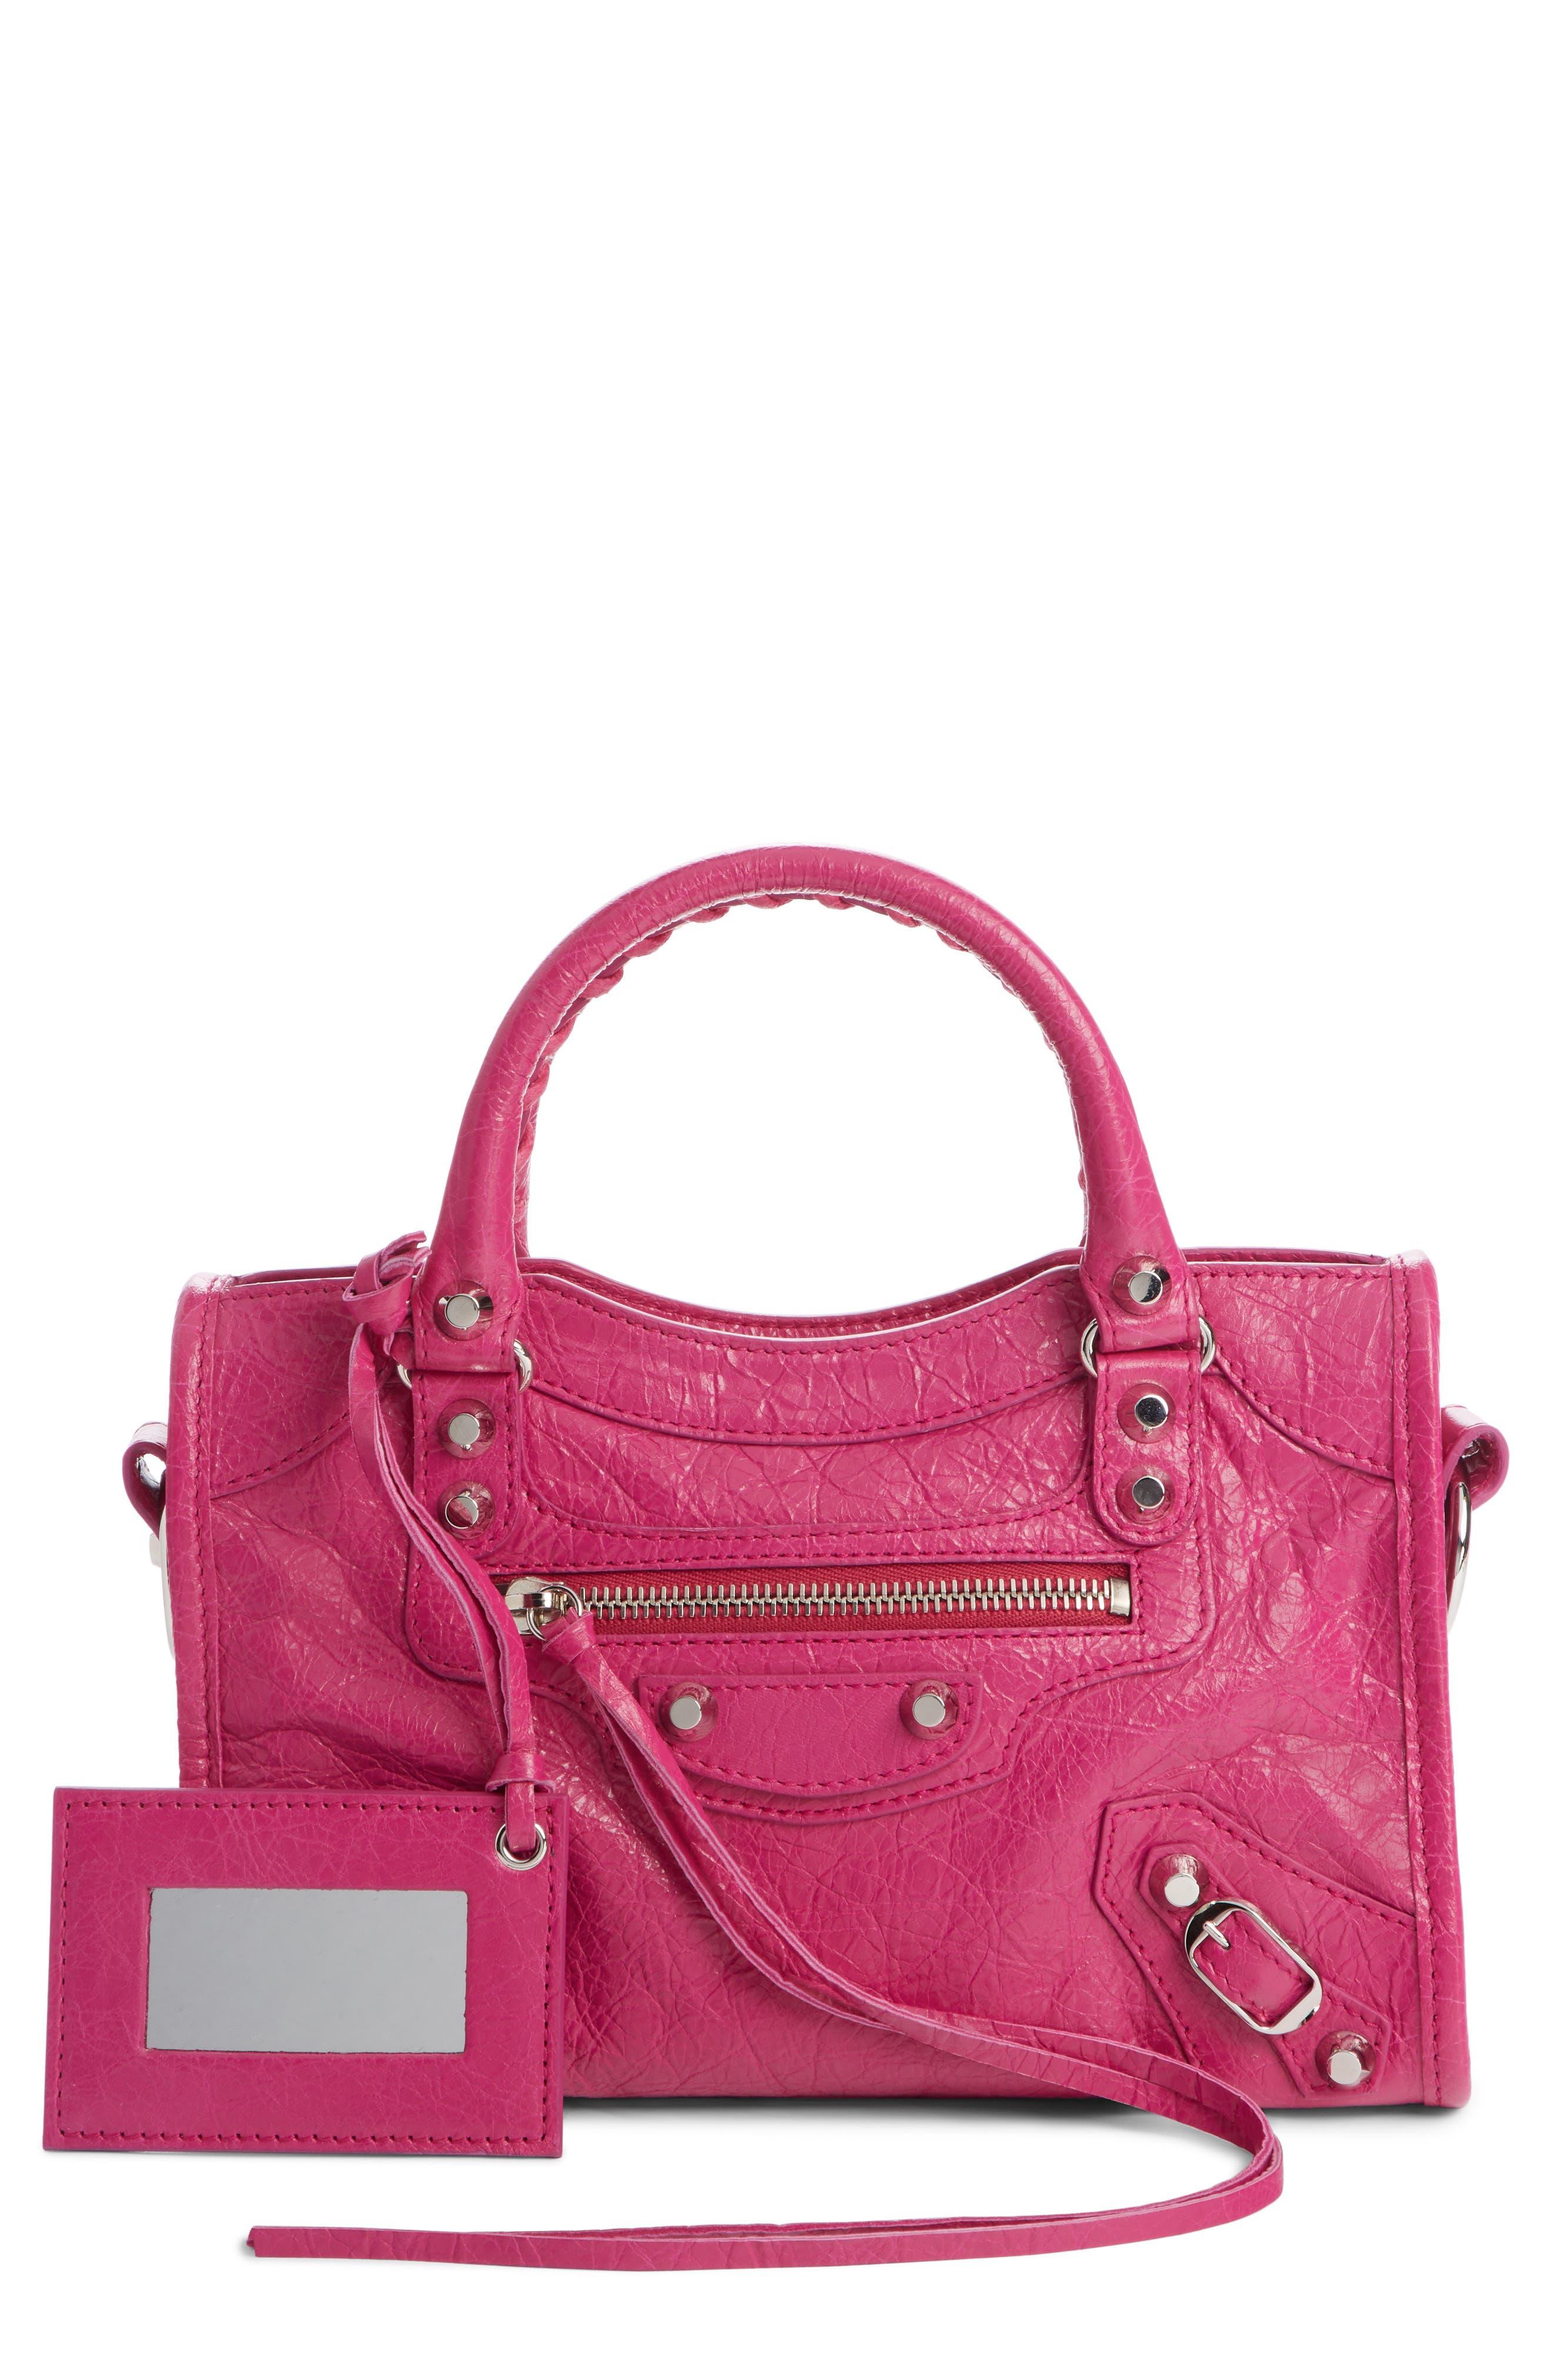 BALENCIAGA, Classic Mini City Leather Tote, Main thumbnail 1, color, ROSE MAGENTA